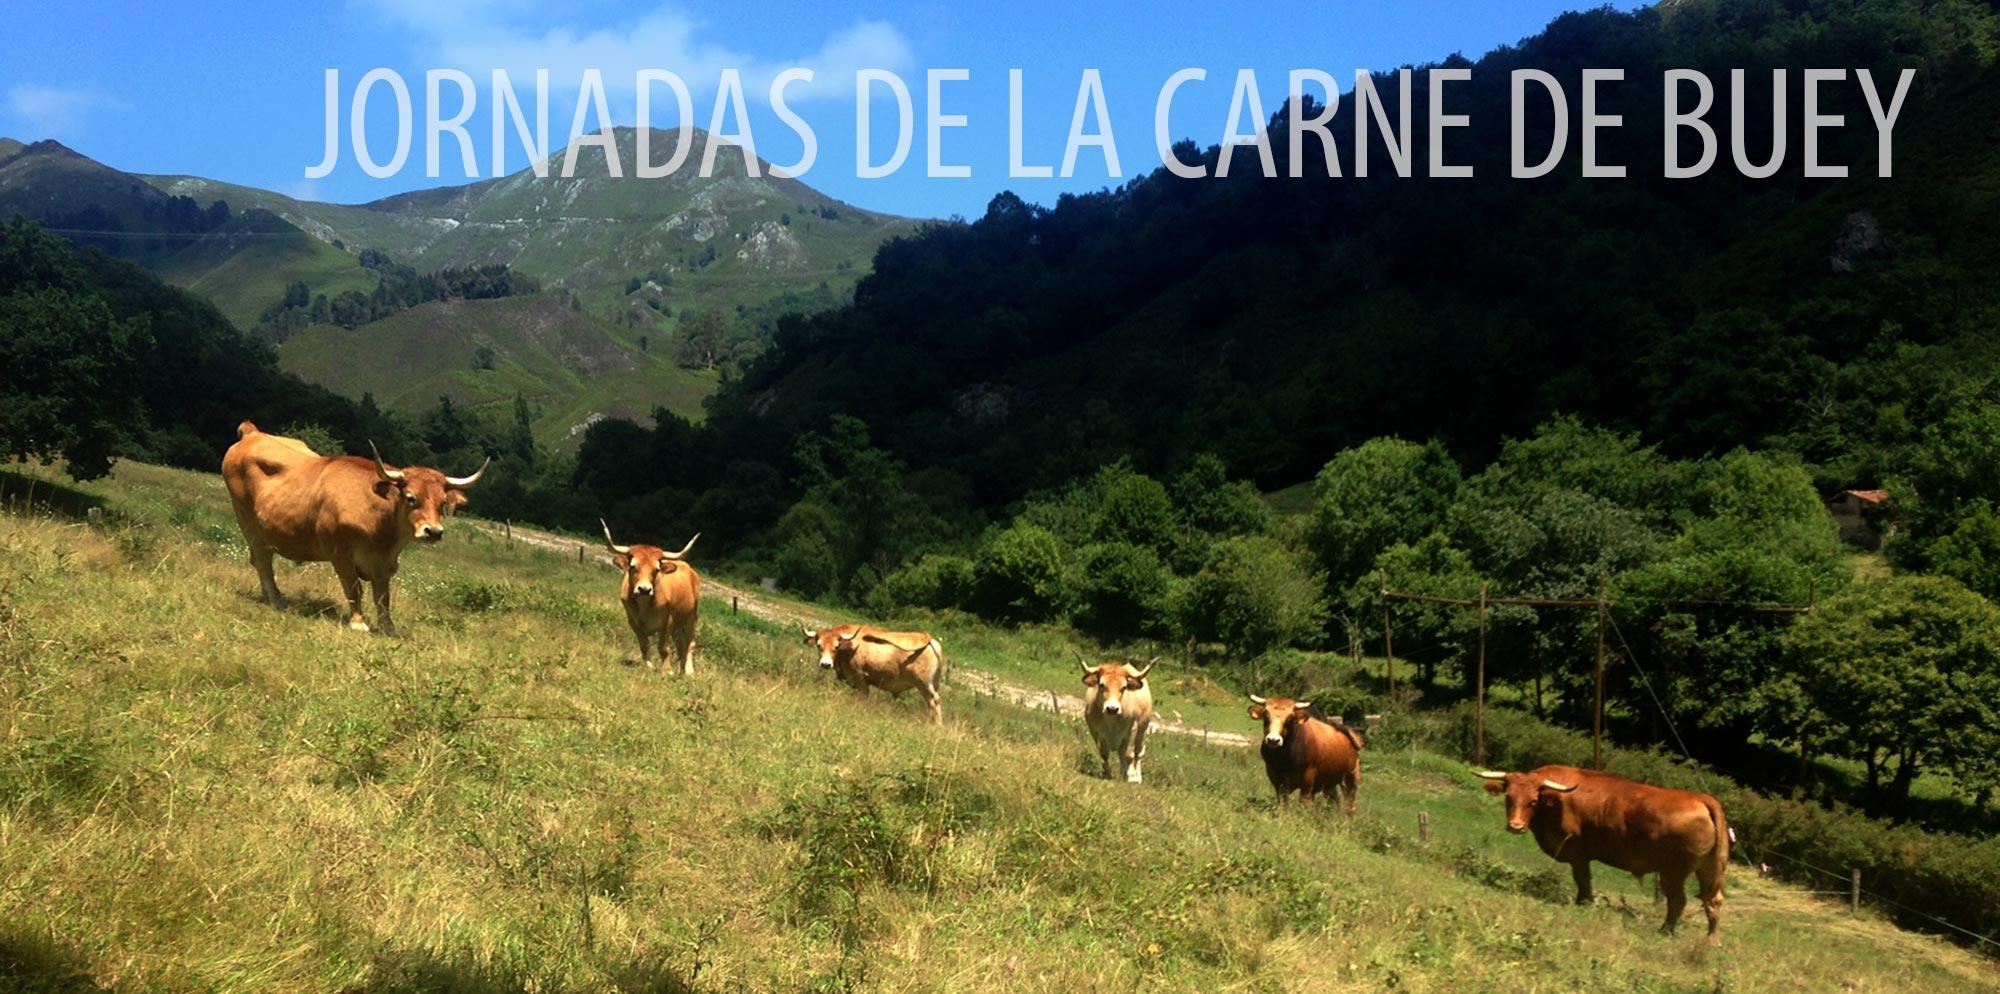 jornadas de la carne de buey en la llariega, imagen de bueyes en el campo